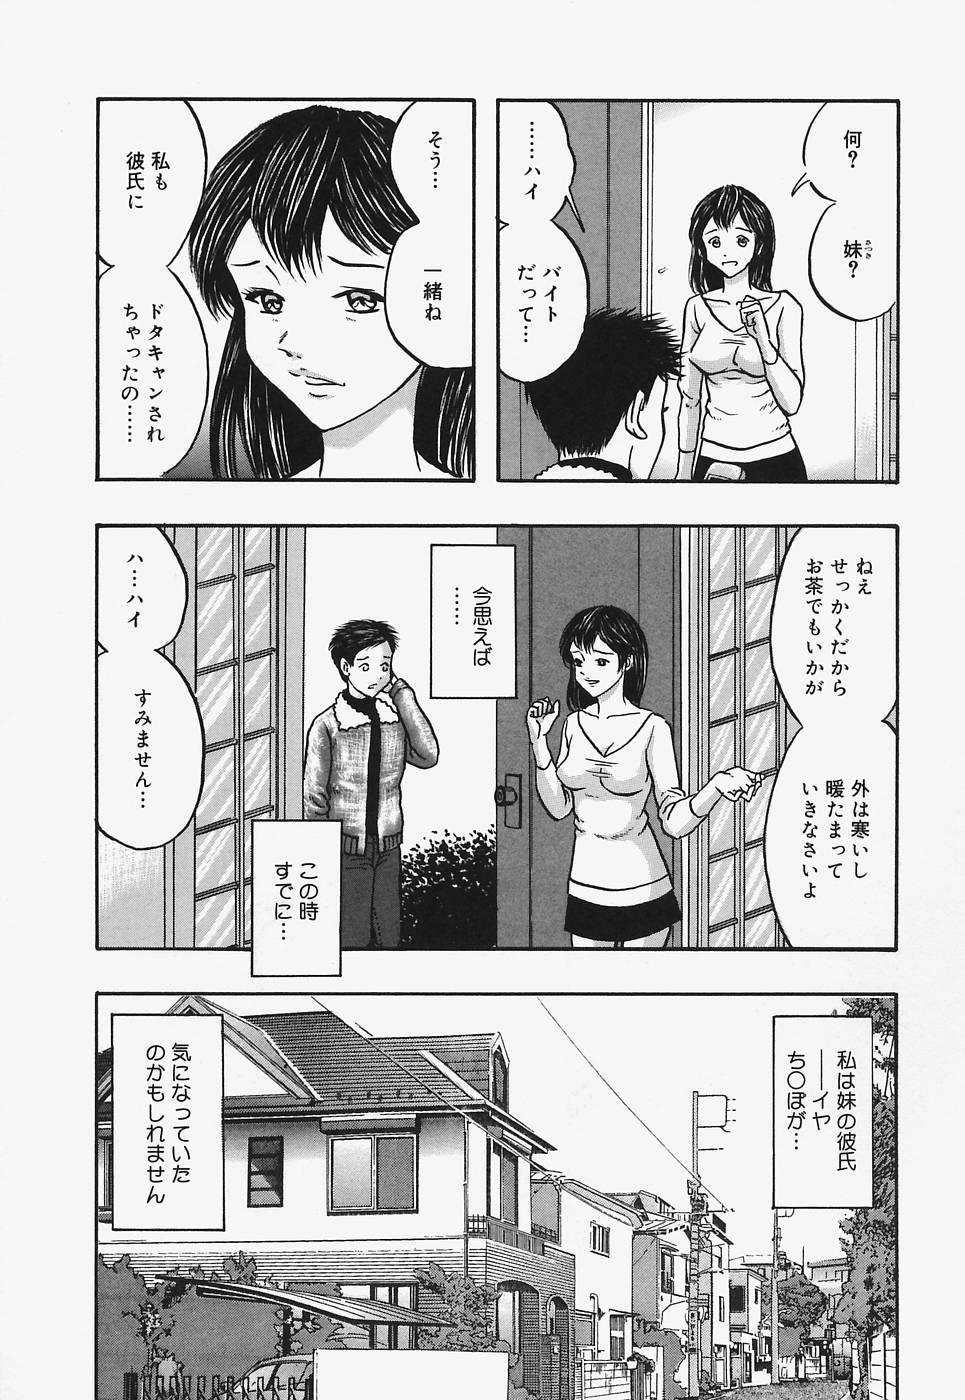 Nurunuru Syoujyo Jiru 10